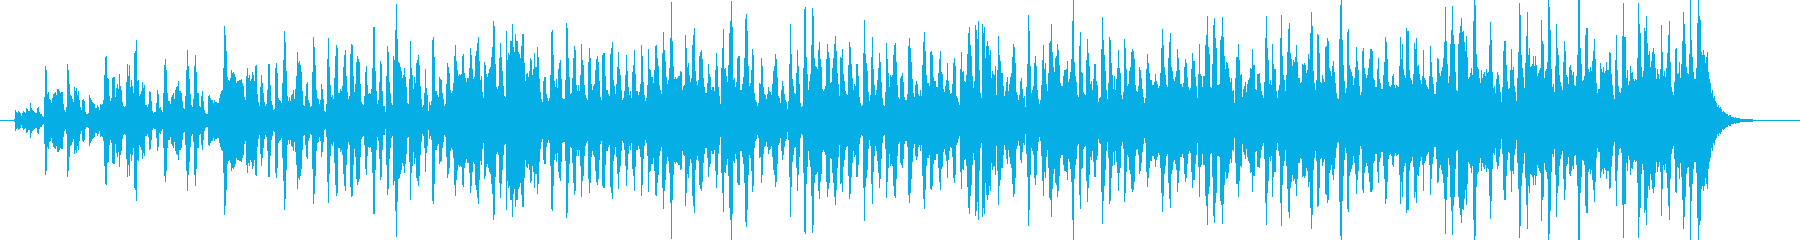 不思議な雰囲気漂うクラシックアンサンブルの再生済みの波形